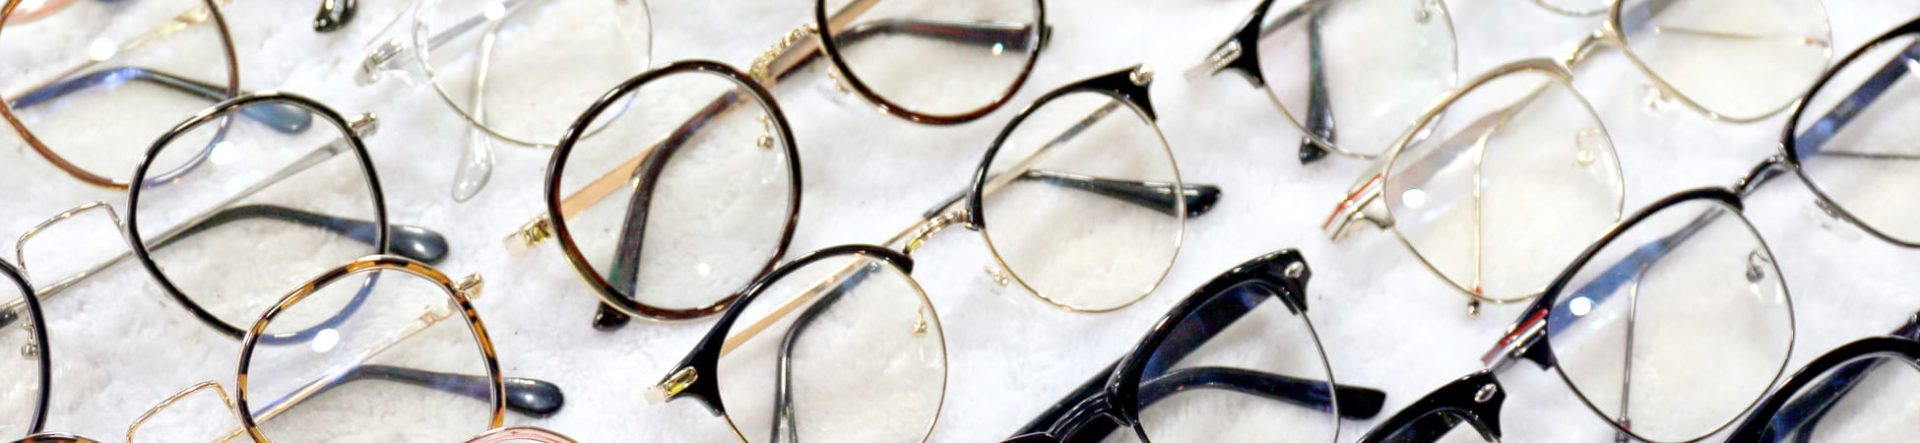 Glasses frames lined up for sale